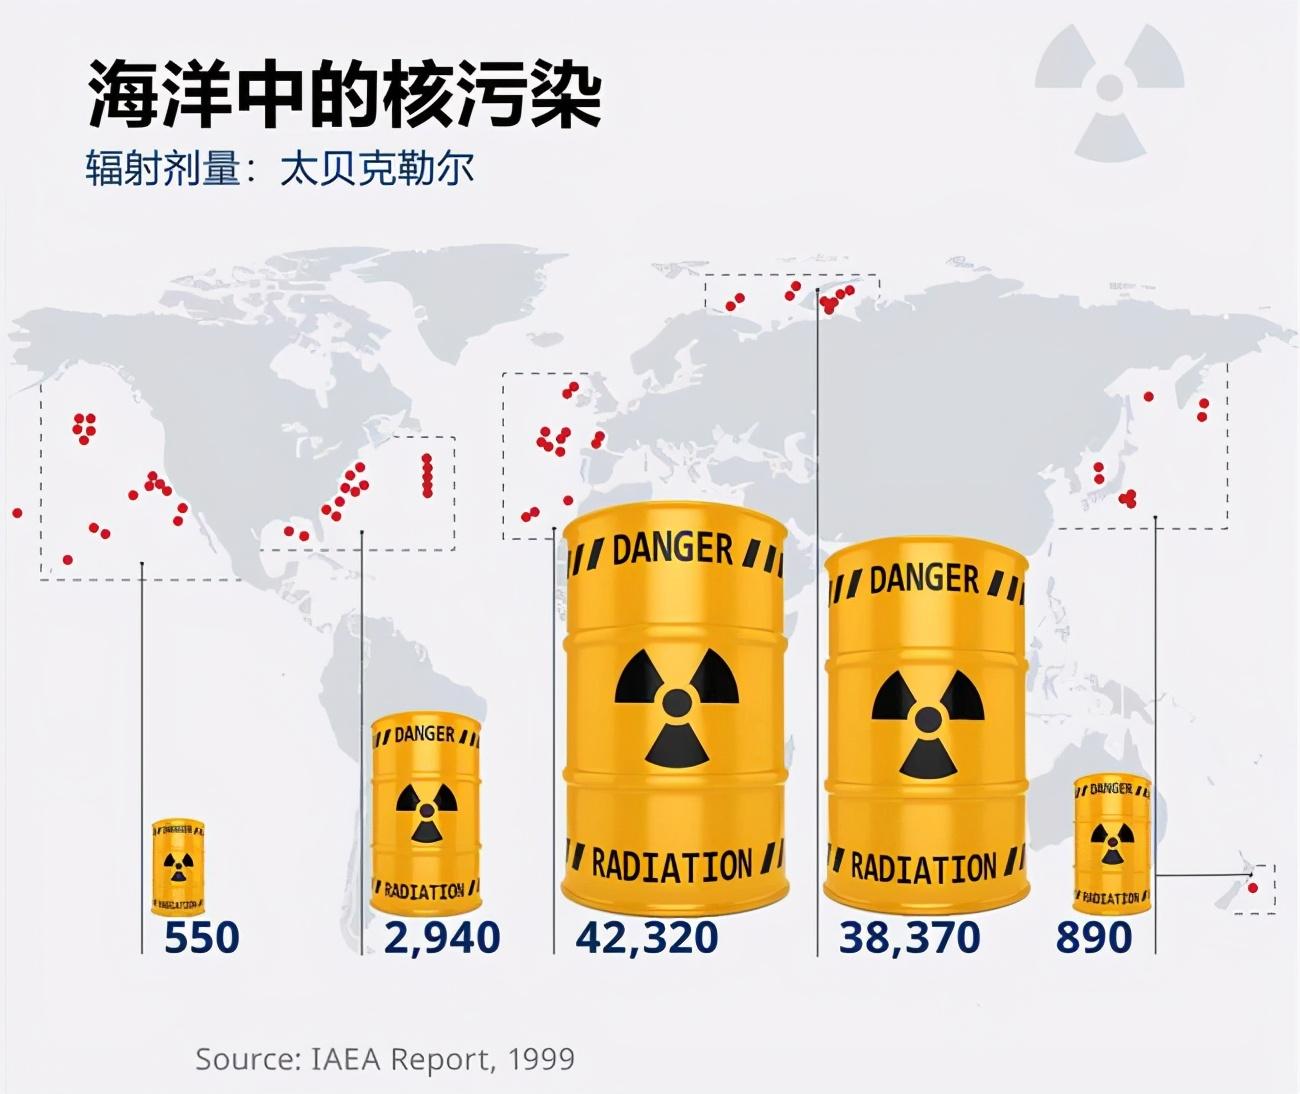 日本核廢水確定入海,西方國傢先沉默後支持,背後目的意味深長-圖2